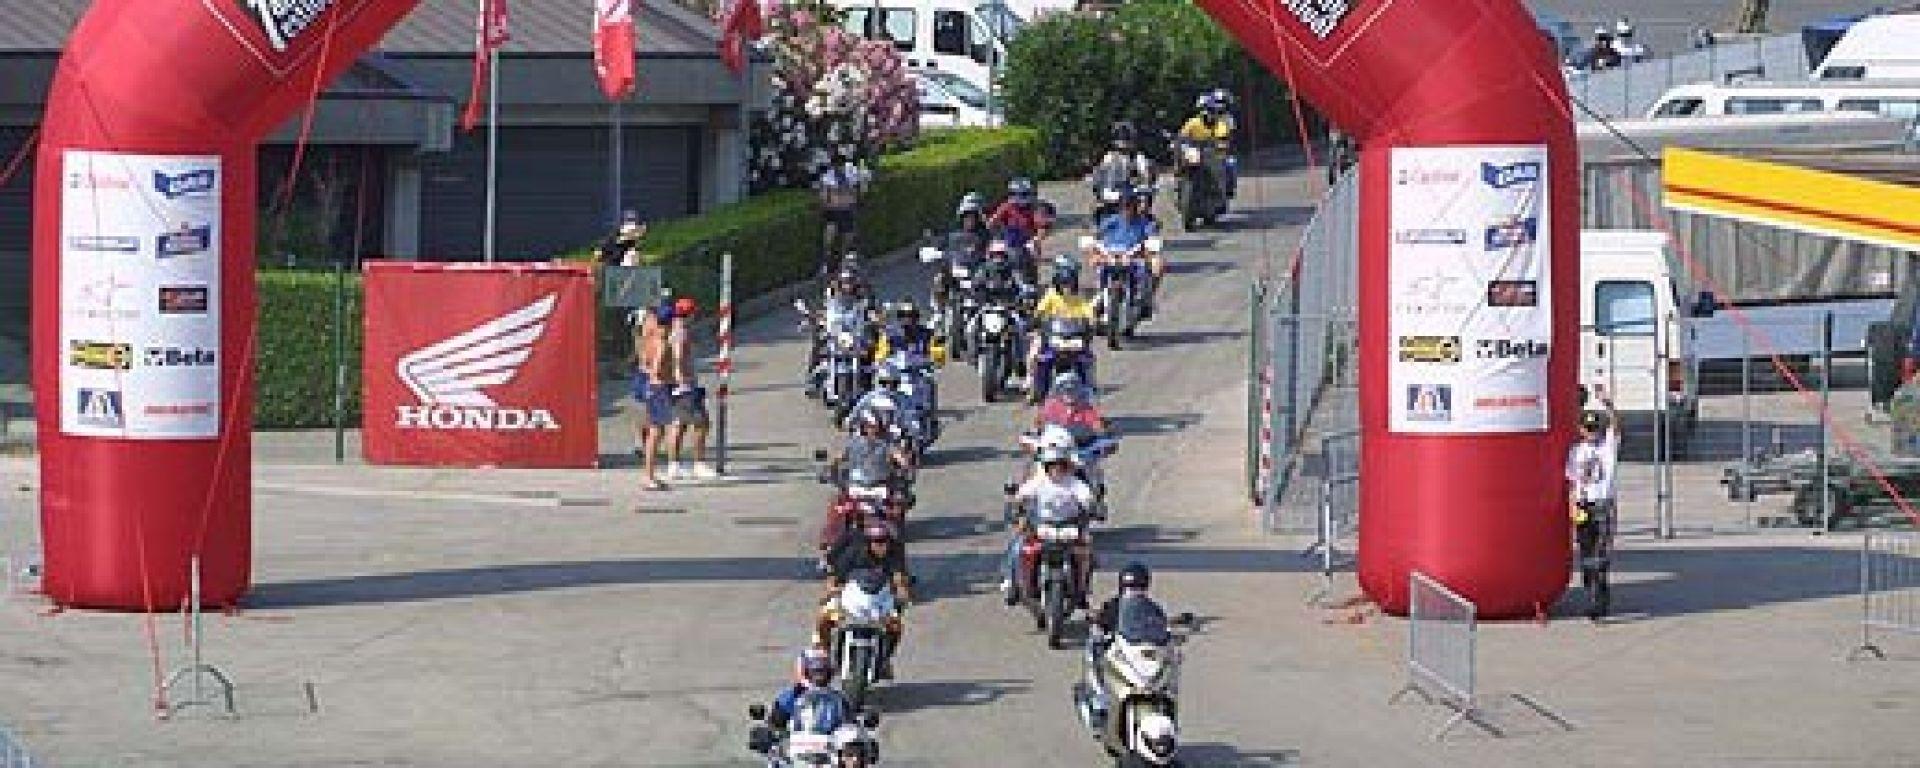 HONDA FESTIVAL 2007: il calendario